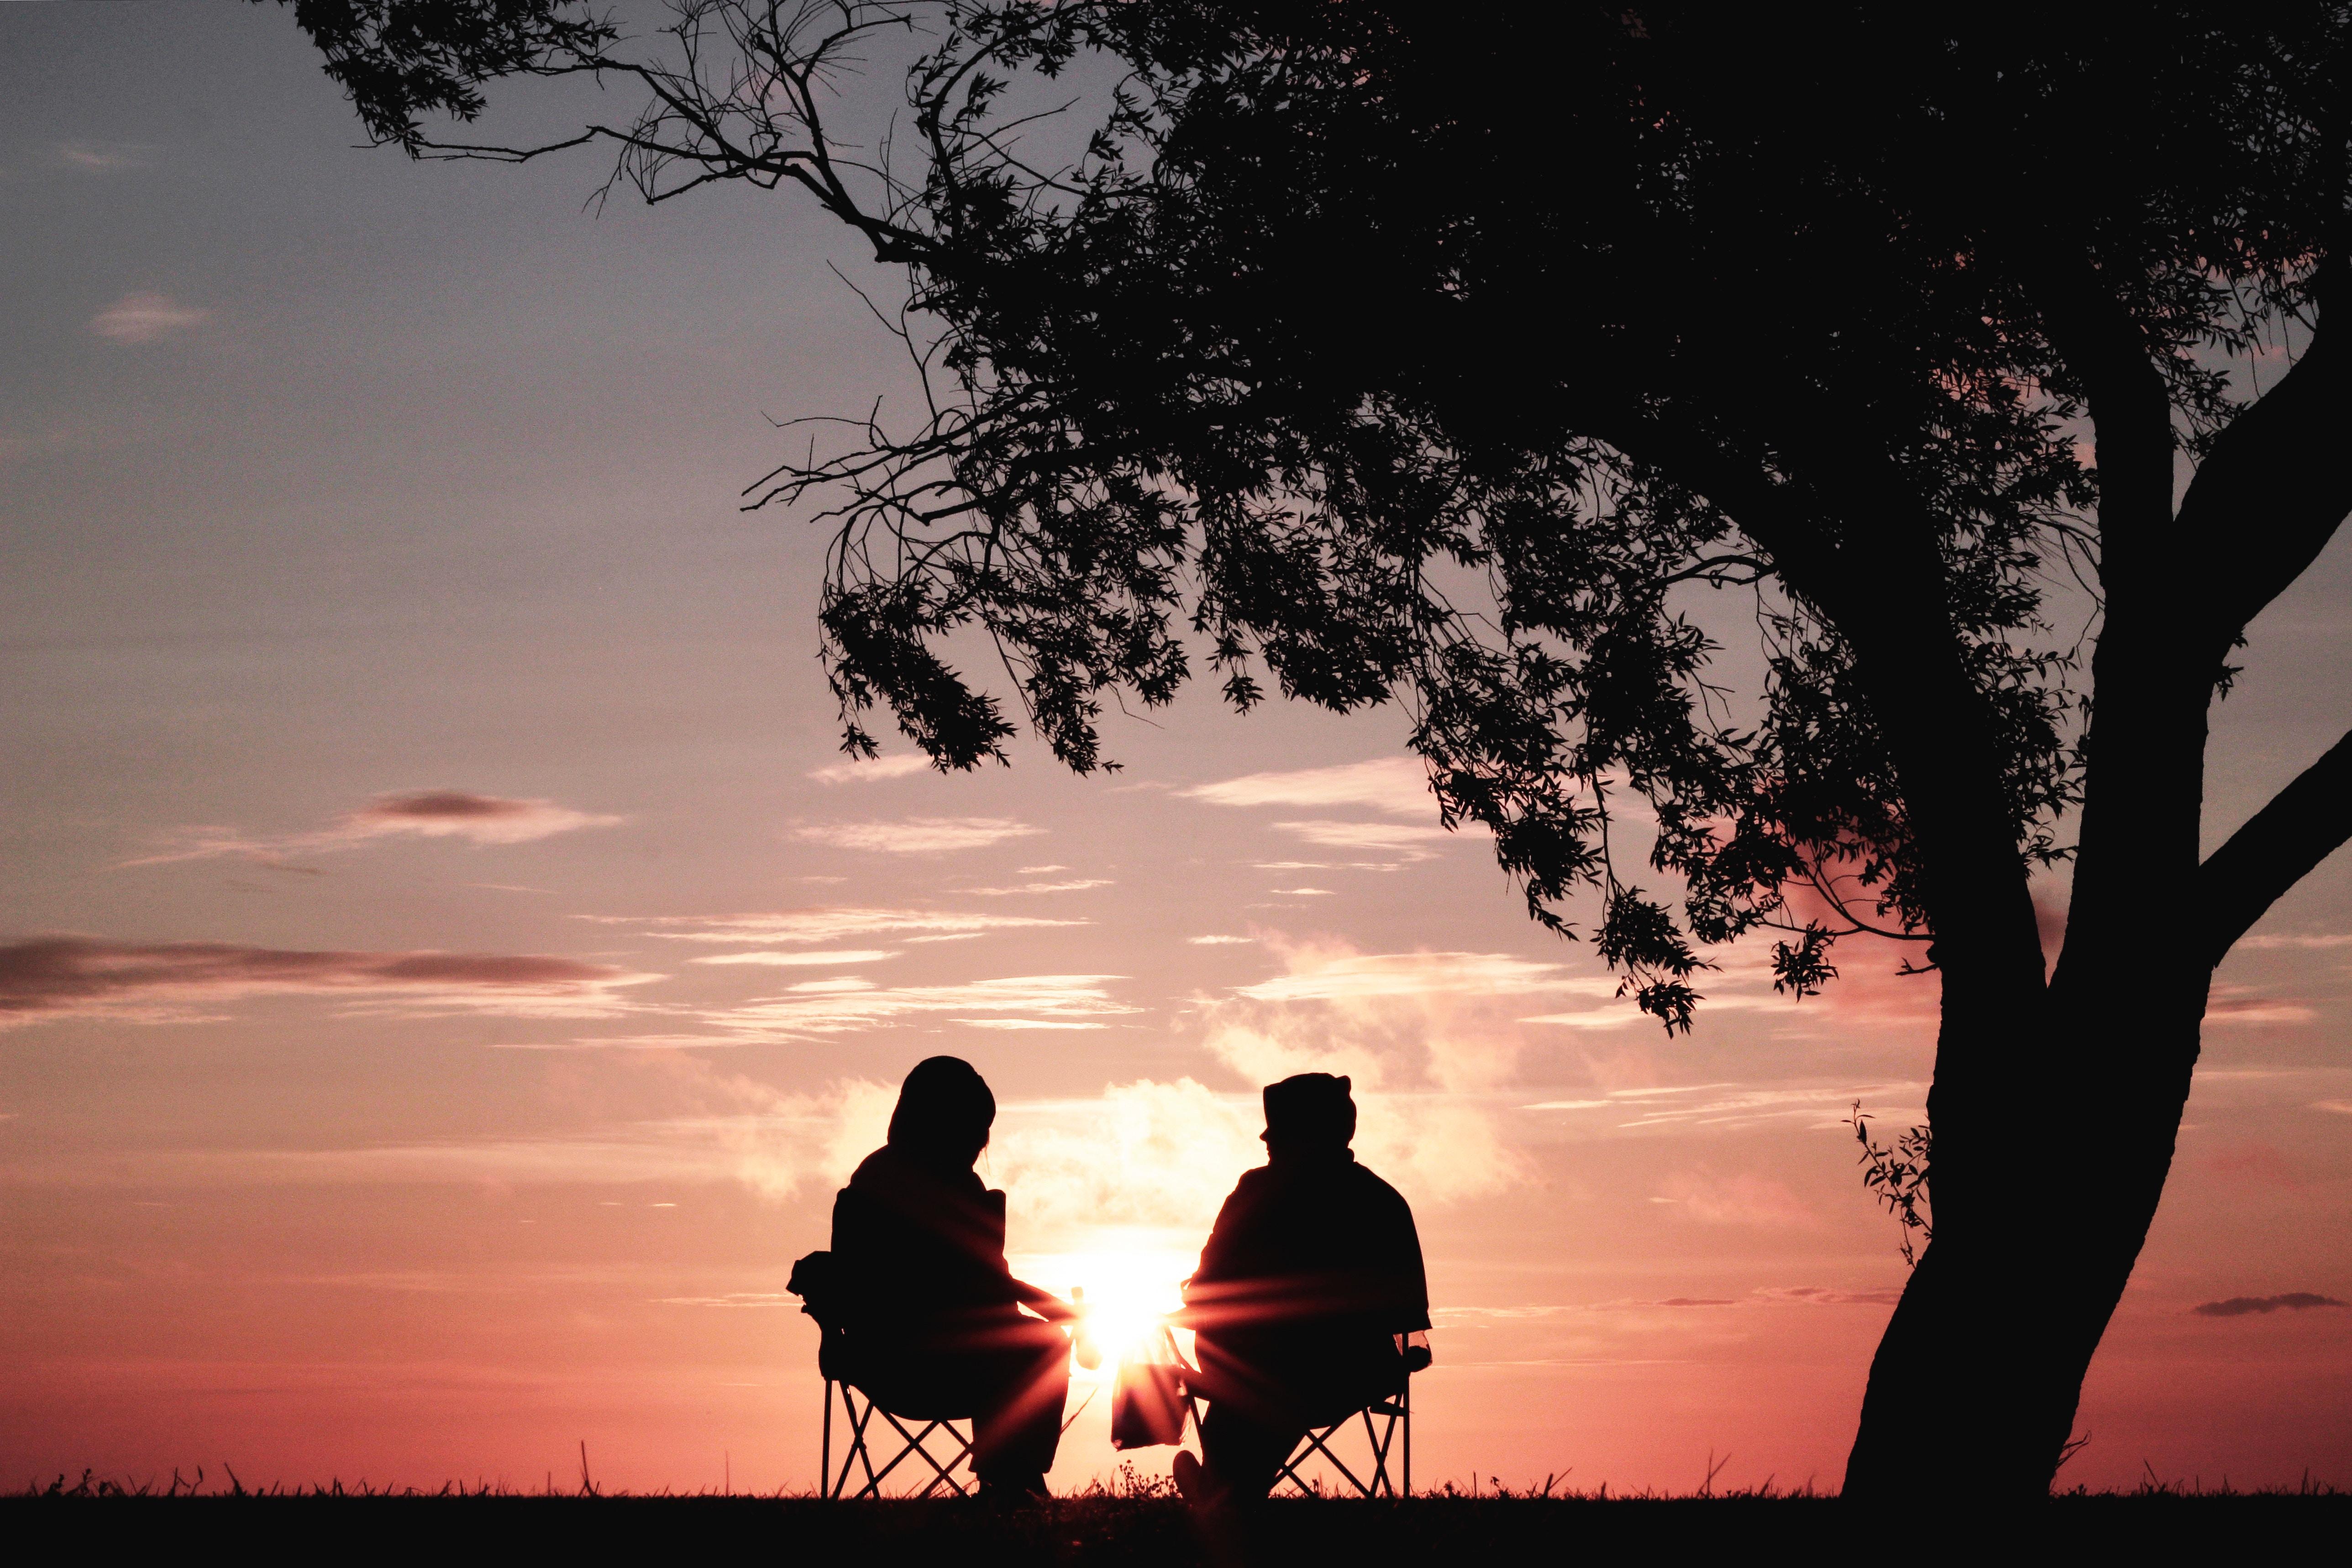 夕日を見ながら話す二人